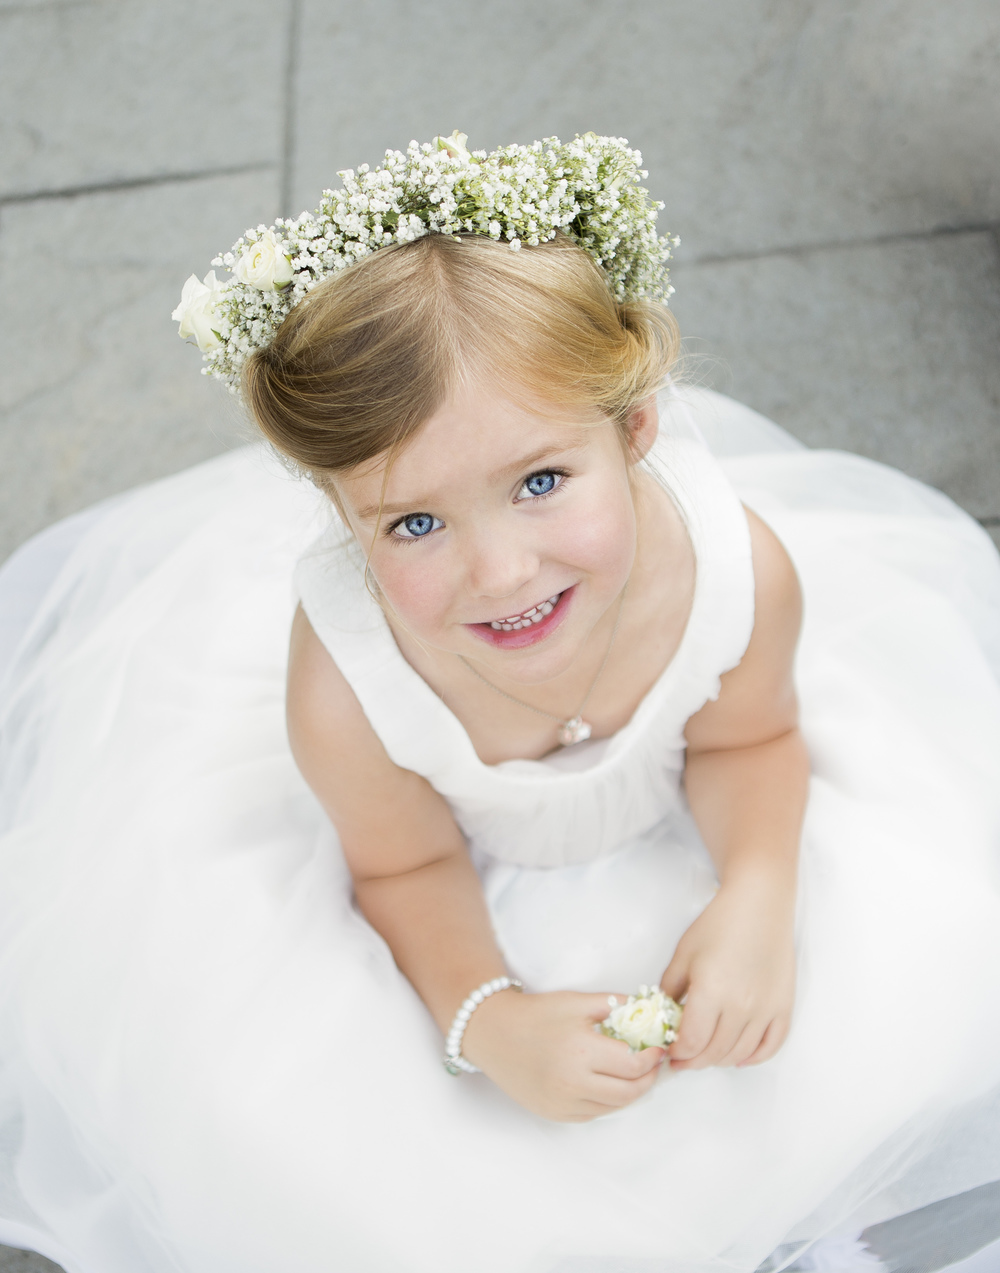 Wedding-flowergirl-innocent-babiesbreath